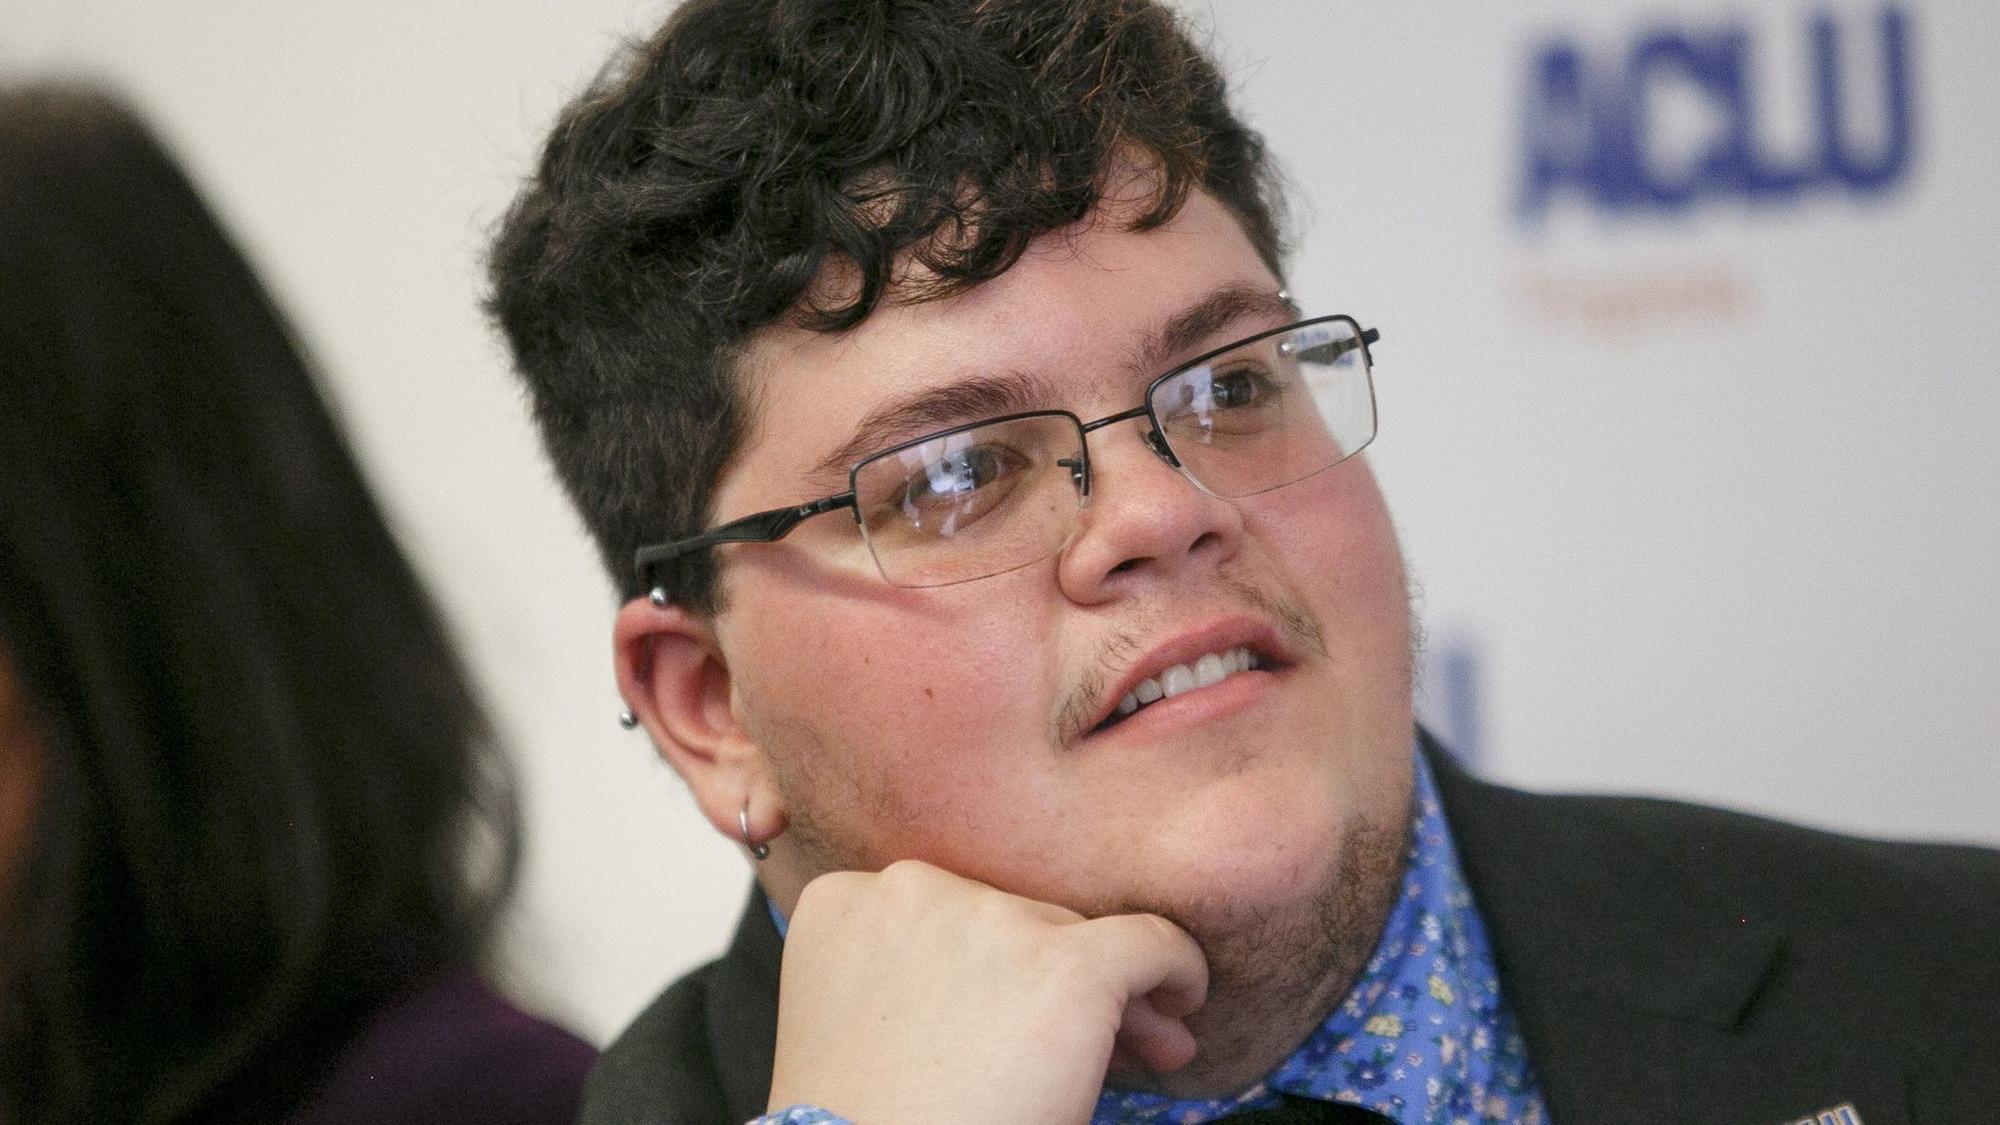 Federal judge hears arguments in Gloucester transgender bathroom case